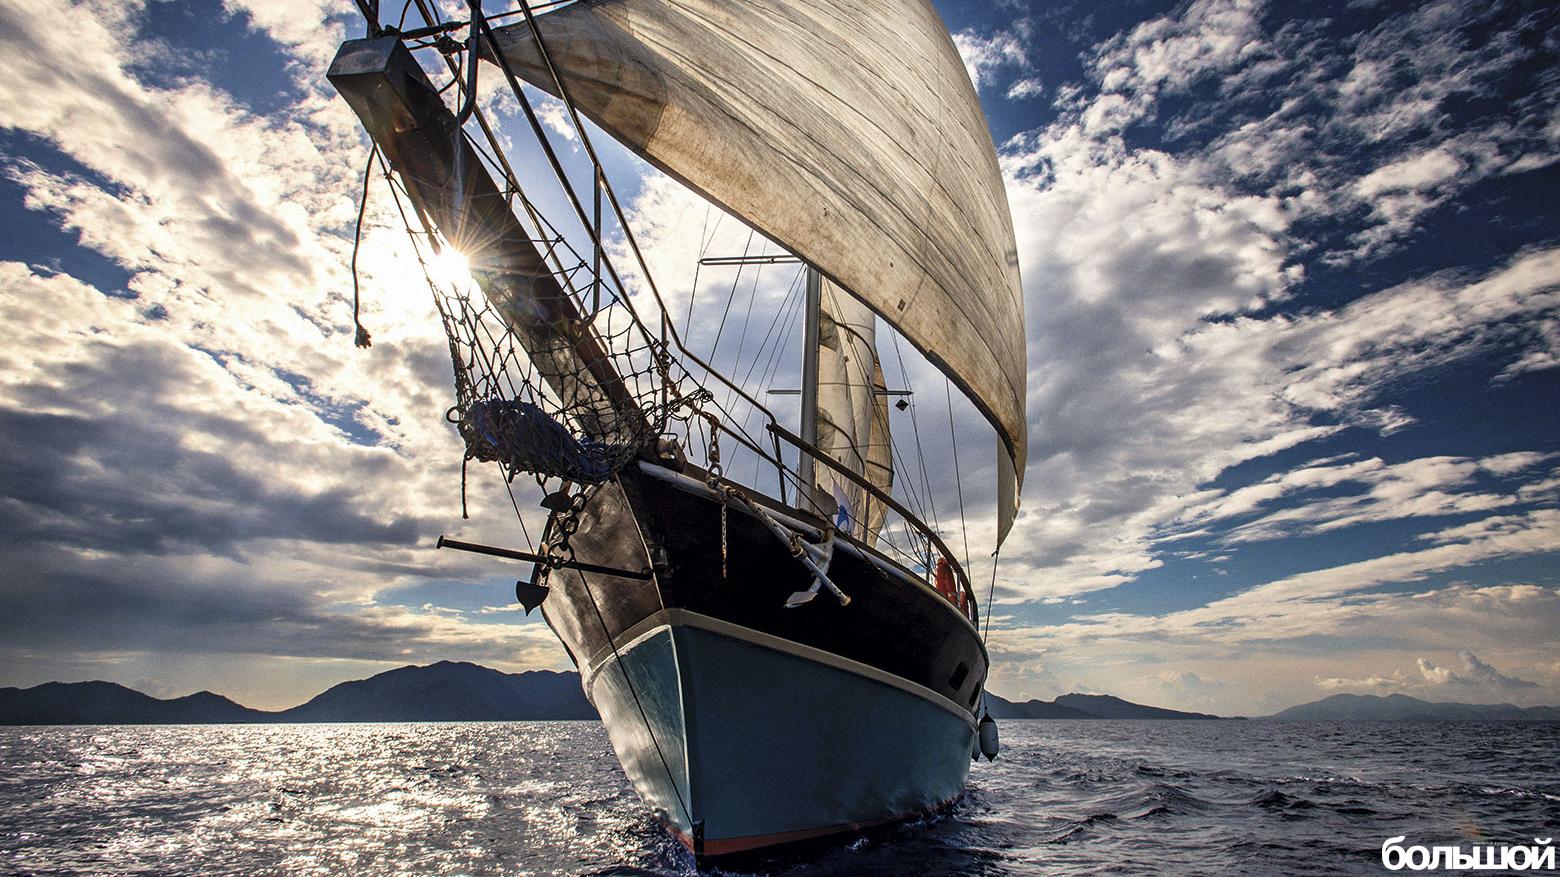 Sailing_20130510_181810